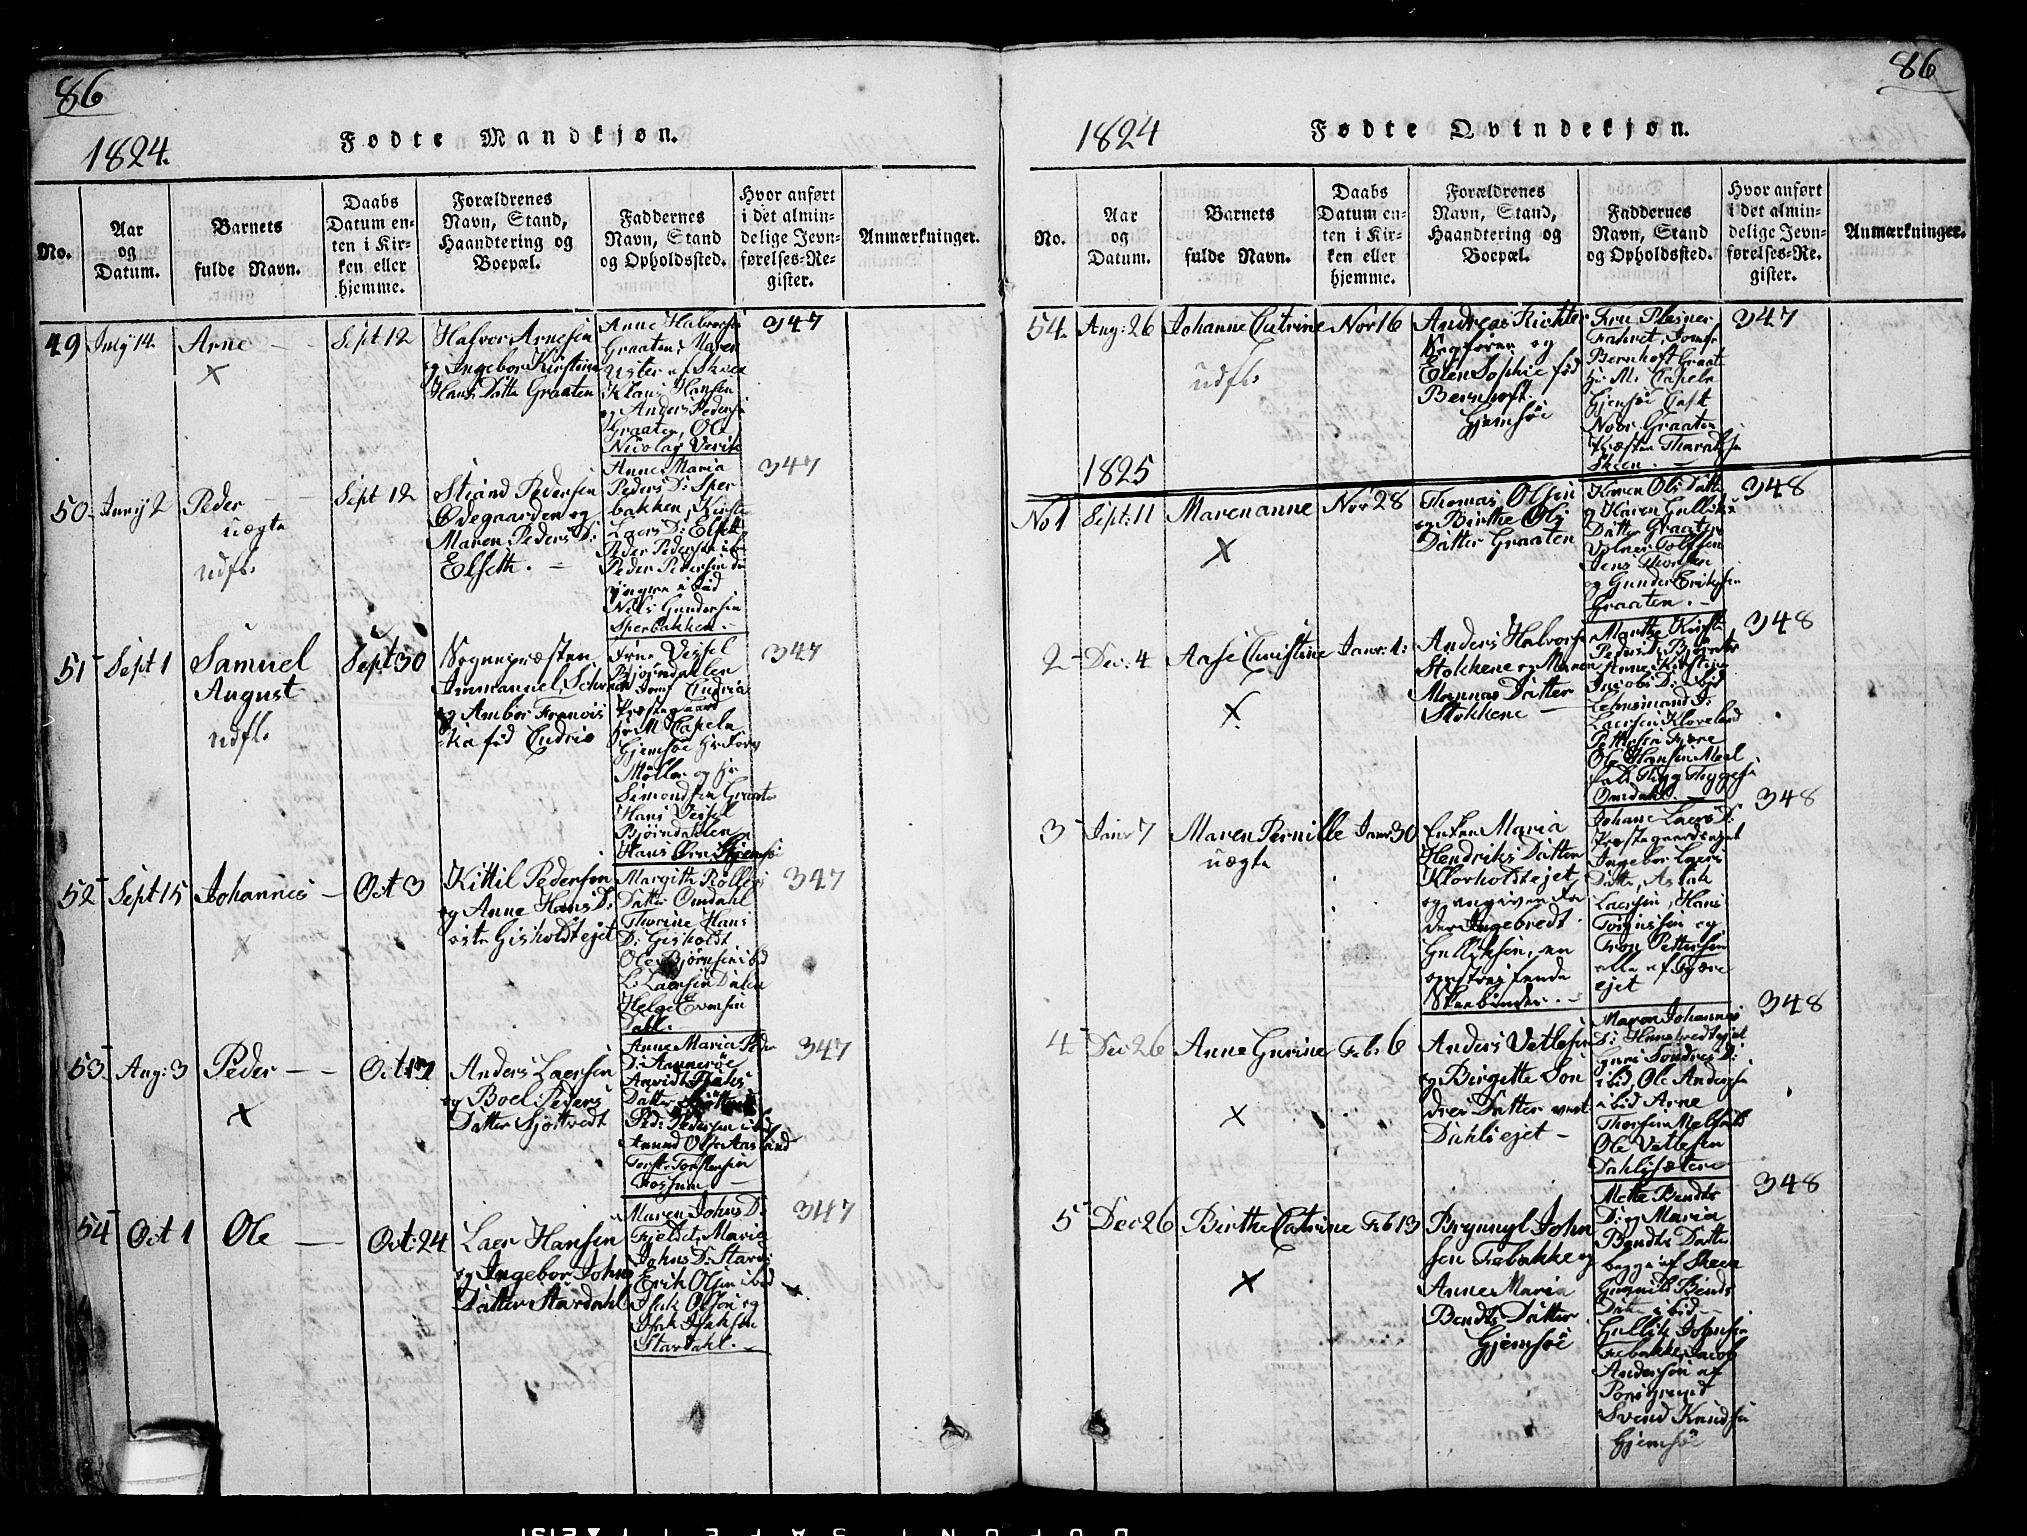 SAKO, Solum kirkebøker, G/Ga/L0001: Klokkerbok nr. I 1, 1814-1833, s. 86